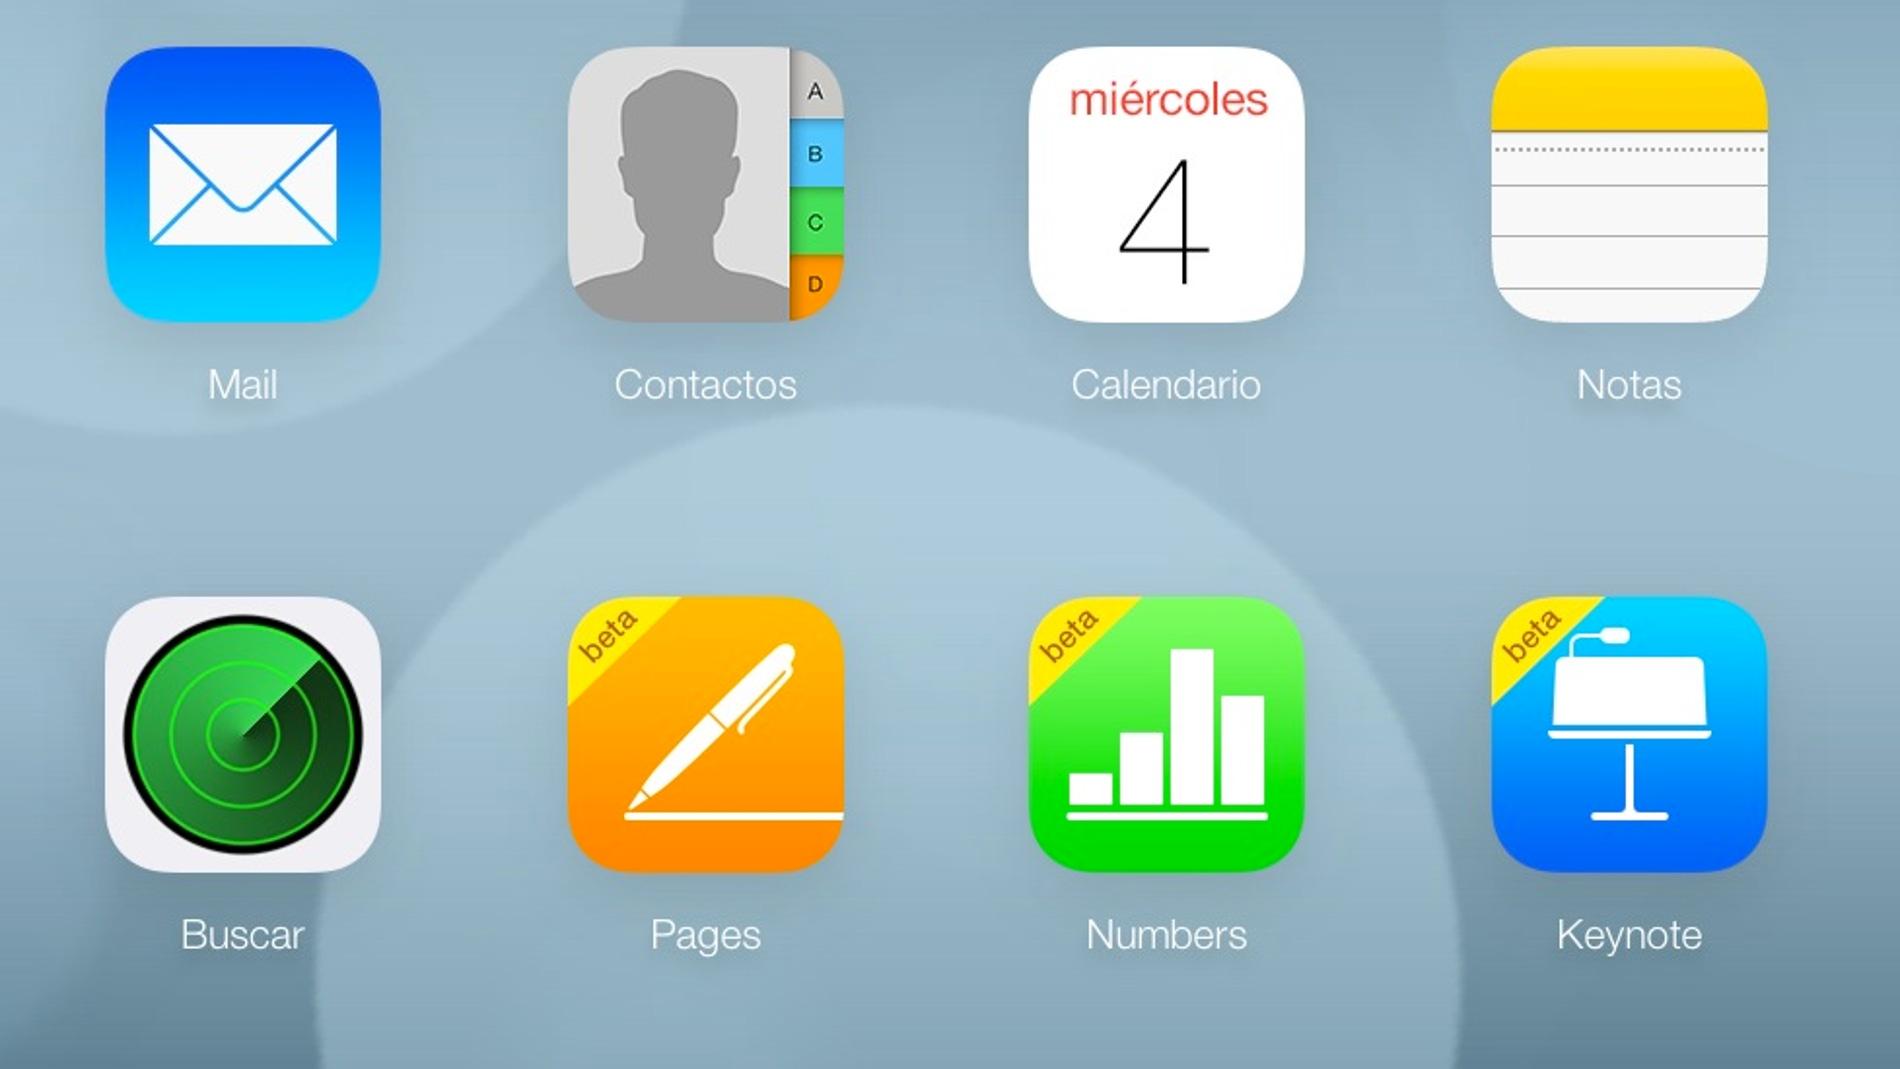 Captura de pantalla de la versión web de iCloud